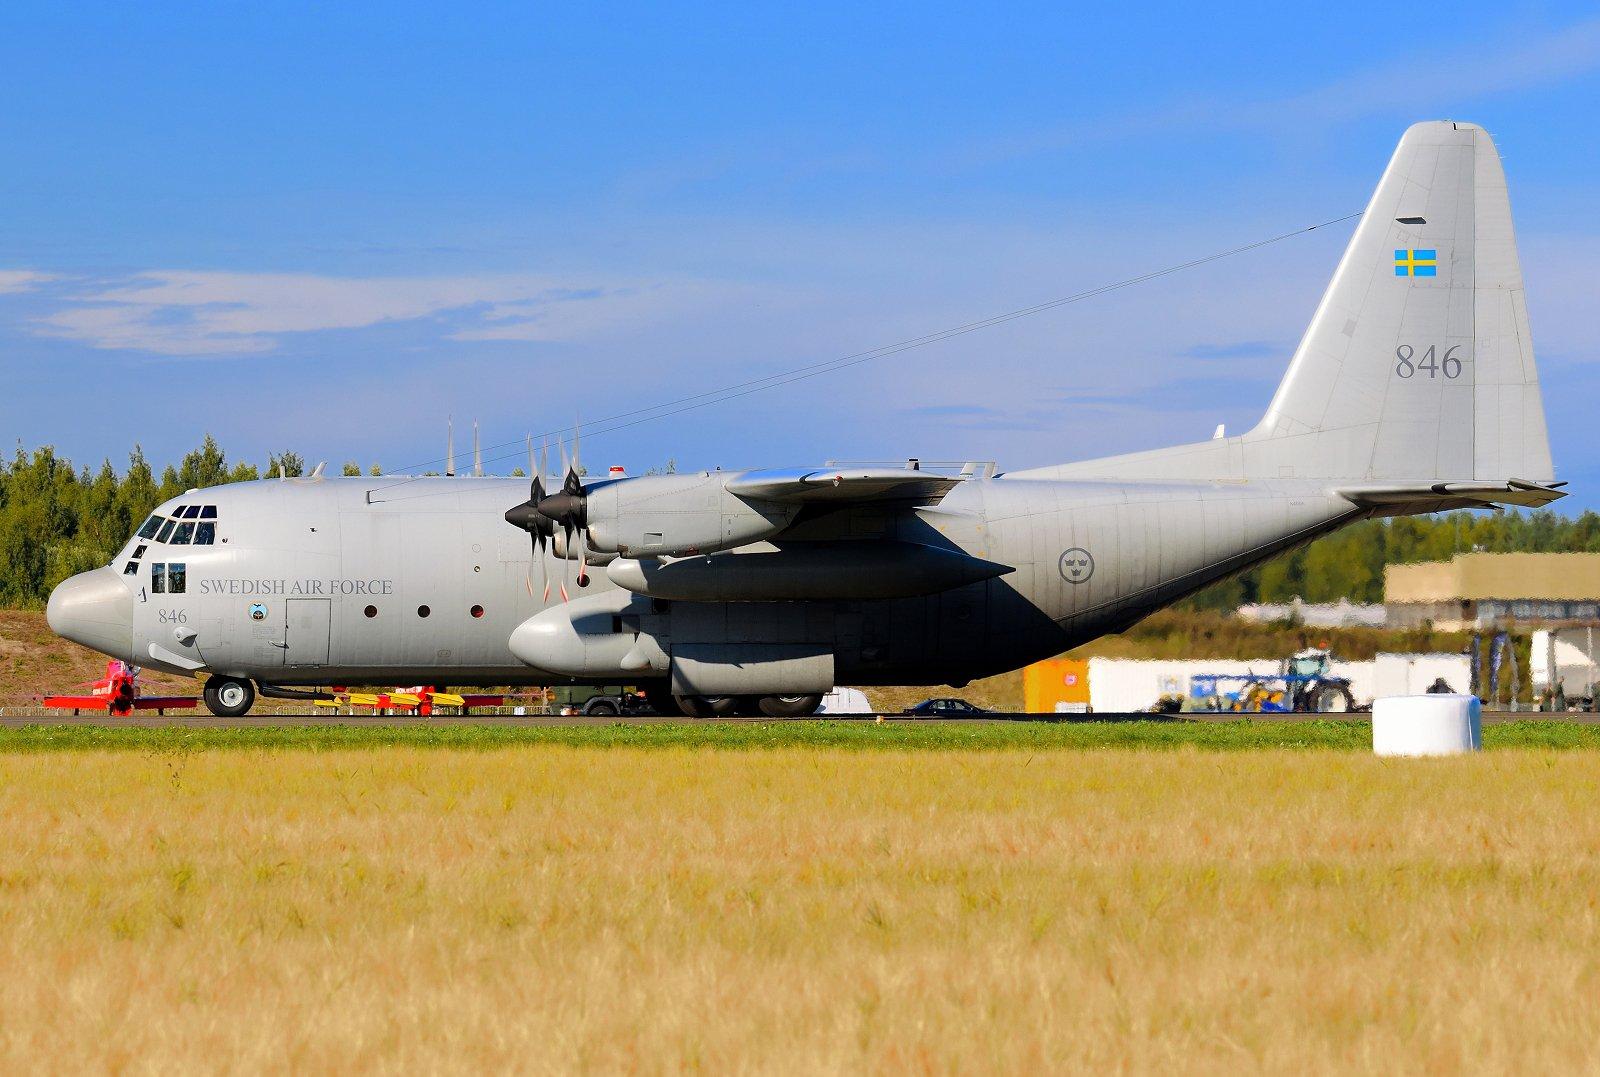 84006 - Lockheed Tp84 (C-130H) Hercules - Flygvapnet (Ruotsin ilmavoimat) - 31.8.2020